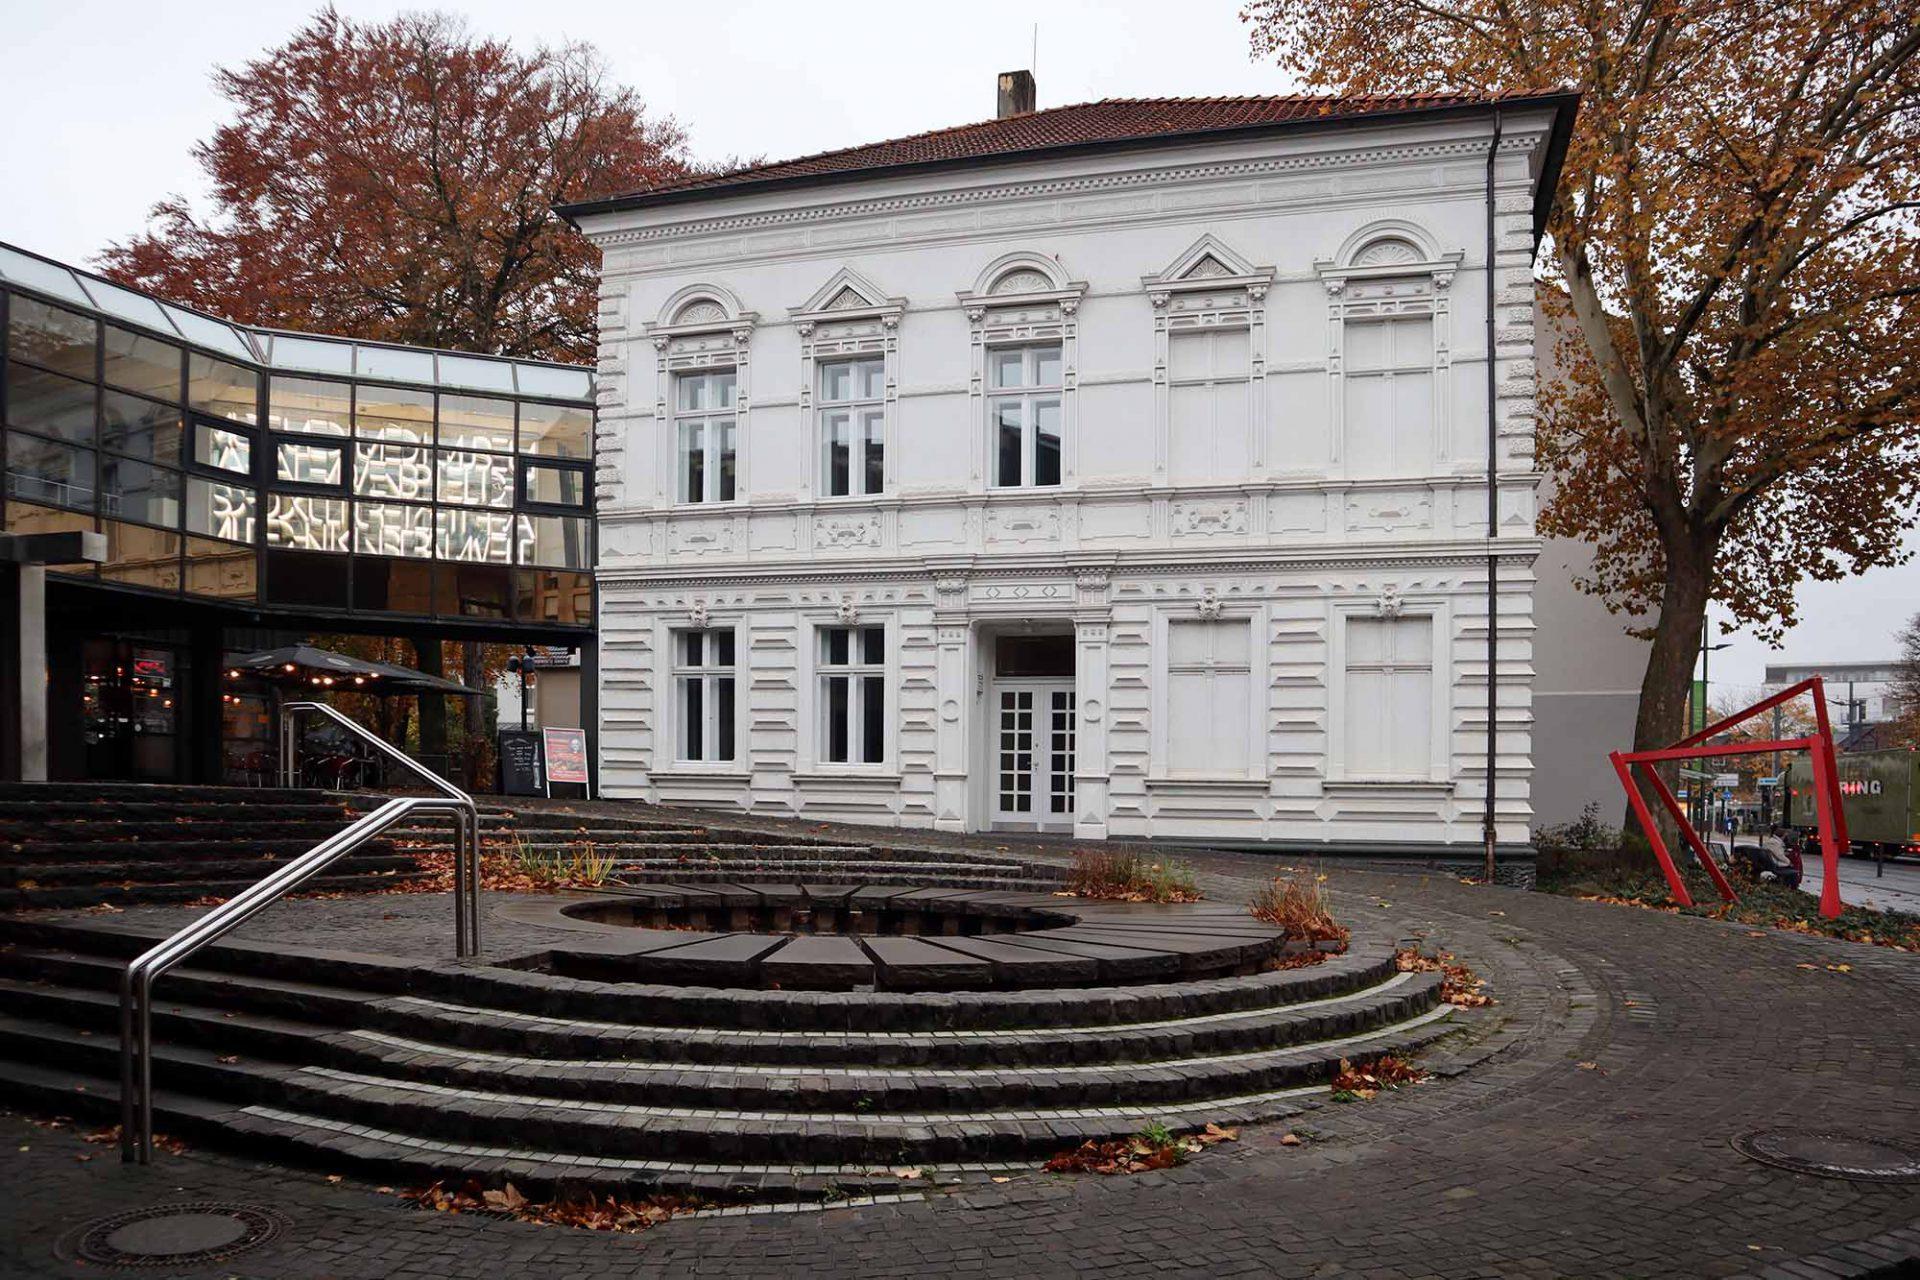 Kunstmuseum Gelsenkirchen. Ein Brückenbauwerk verbindet beide Gebäude.